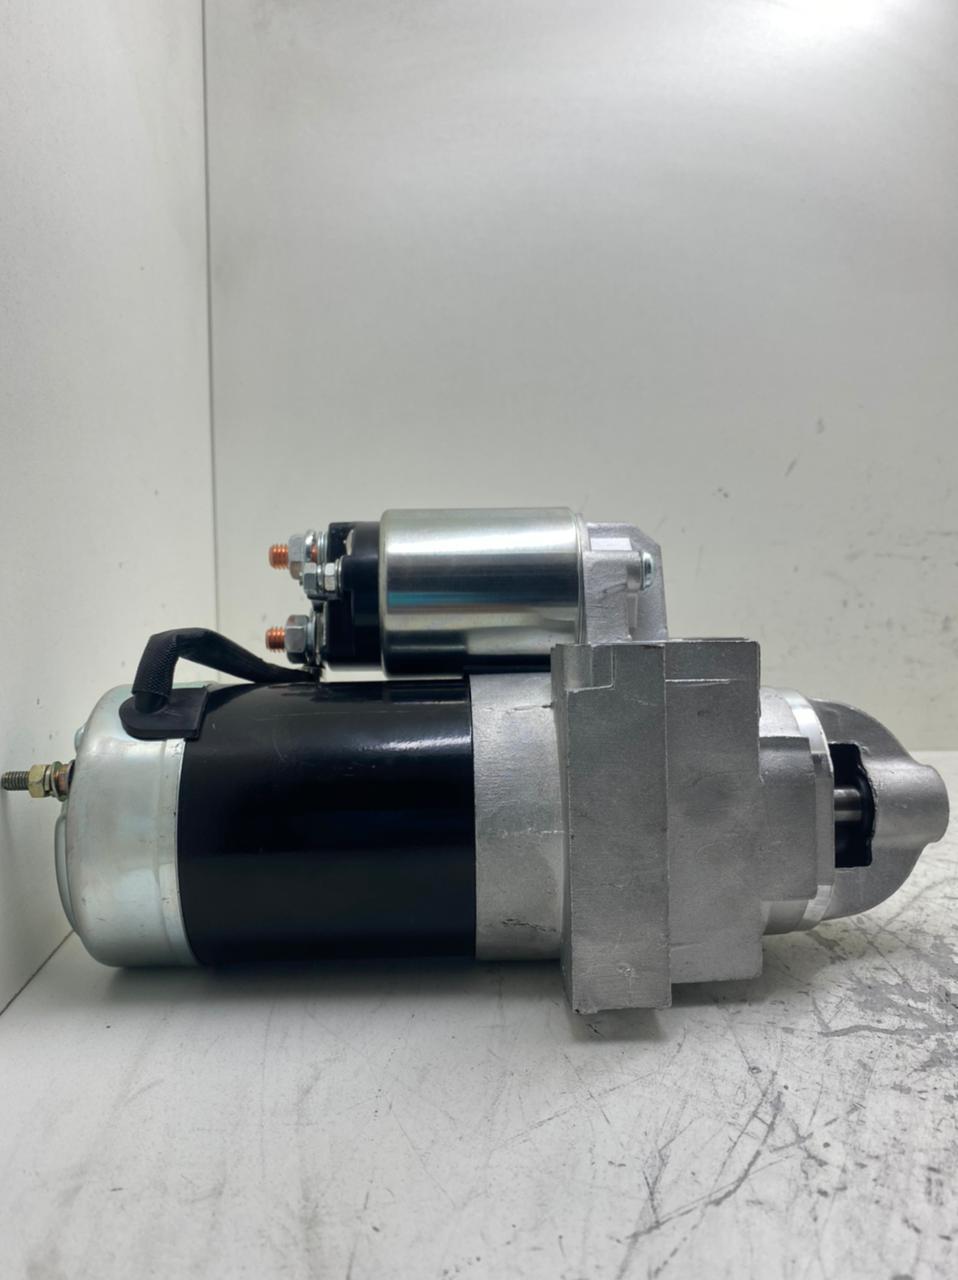 Motor de arranque GM Blazer S10 4.3 V6 VORTEC DELCO REMY 12V 11 DENTES 12560019 90007866 8000287 9000789 8000782 6449N 20541 AEC11023